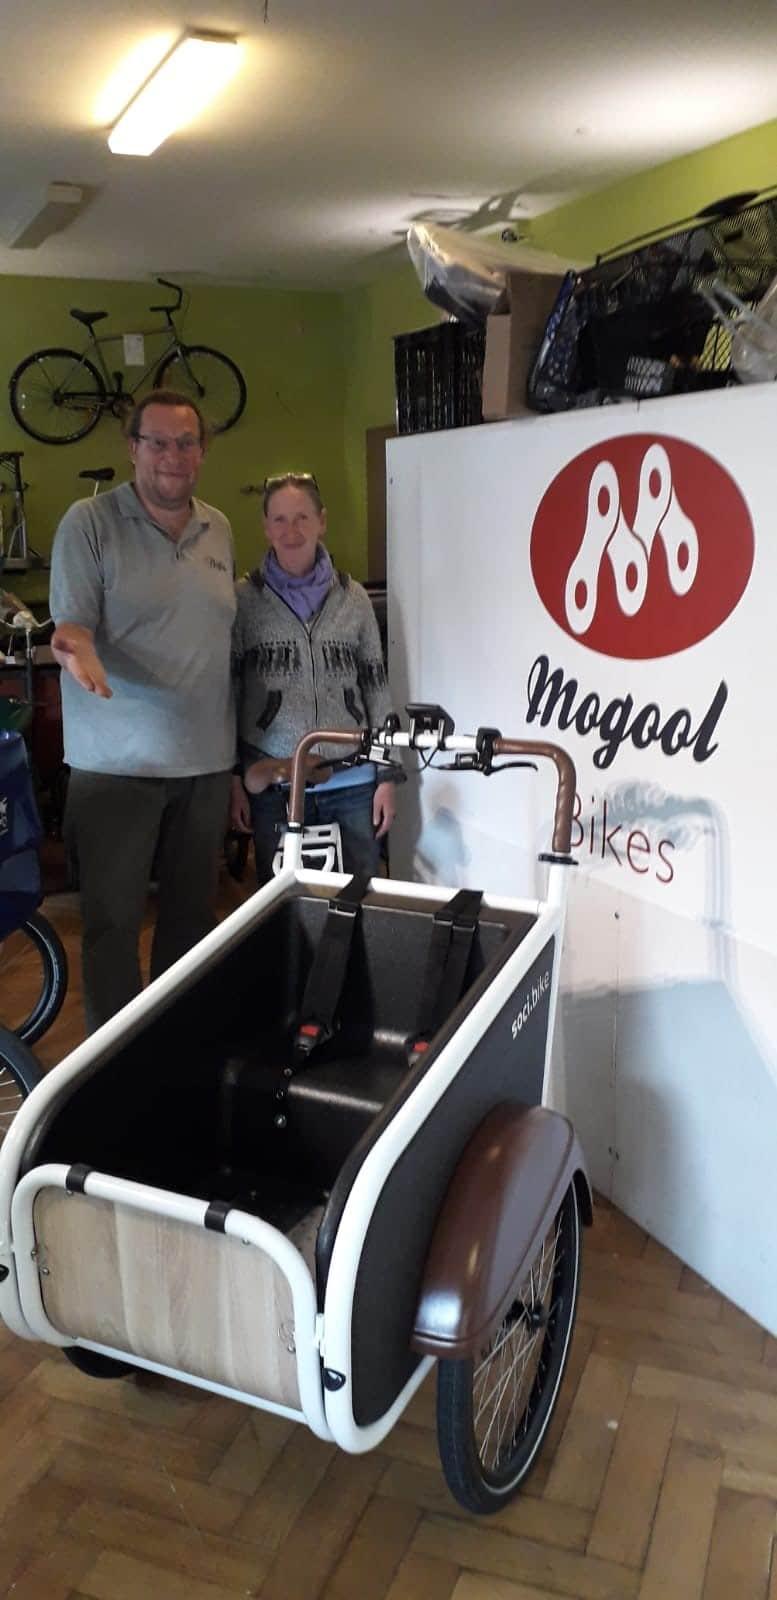 Over soci.bike ambassadeur Mogool Bikes